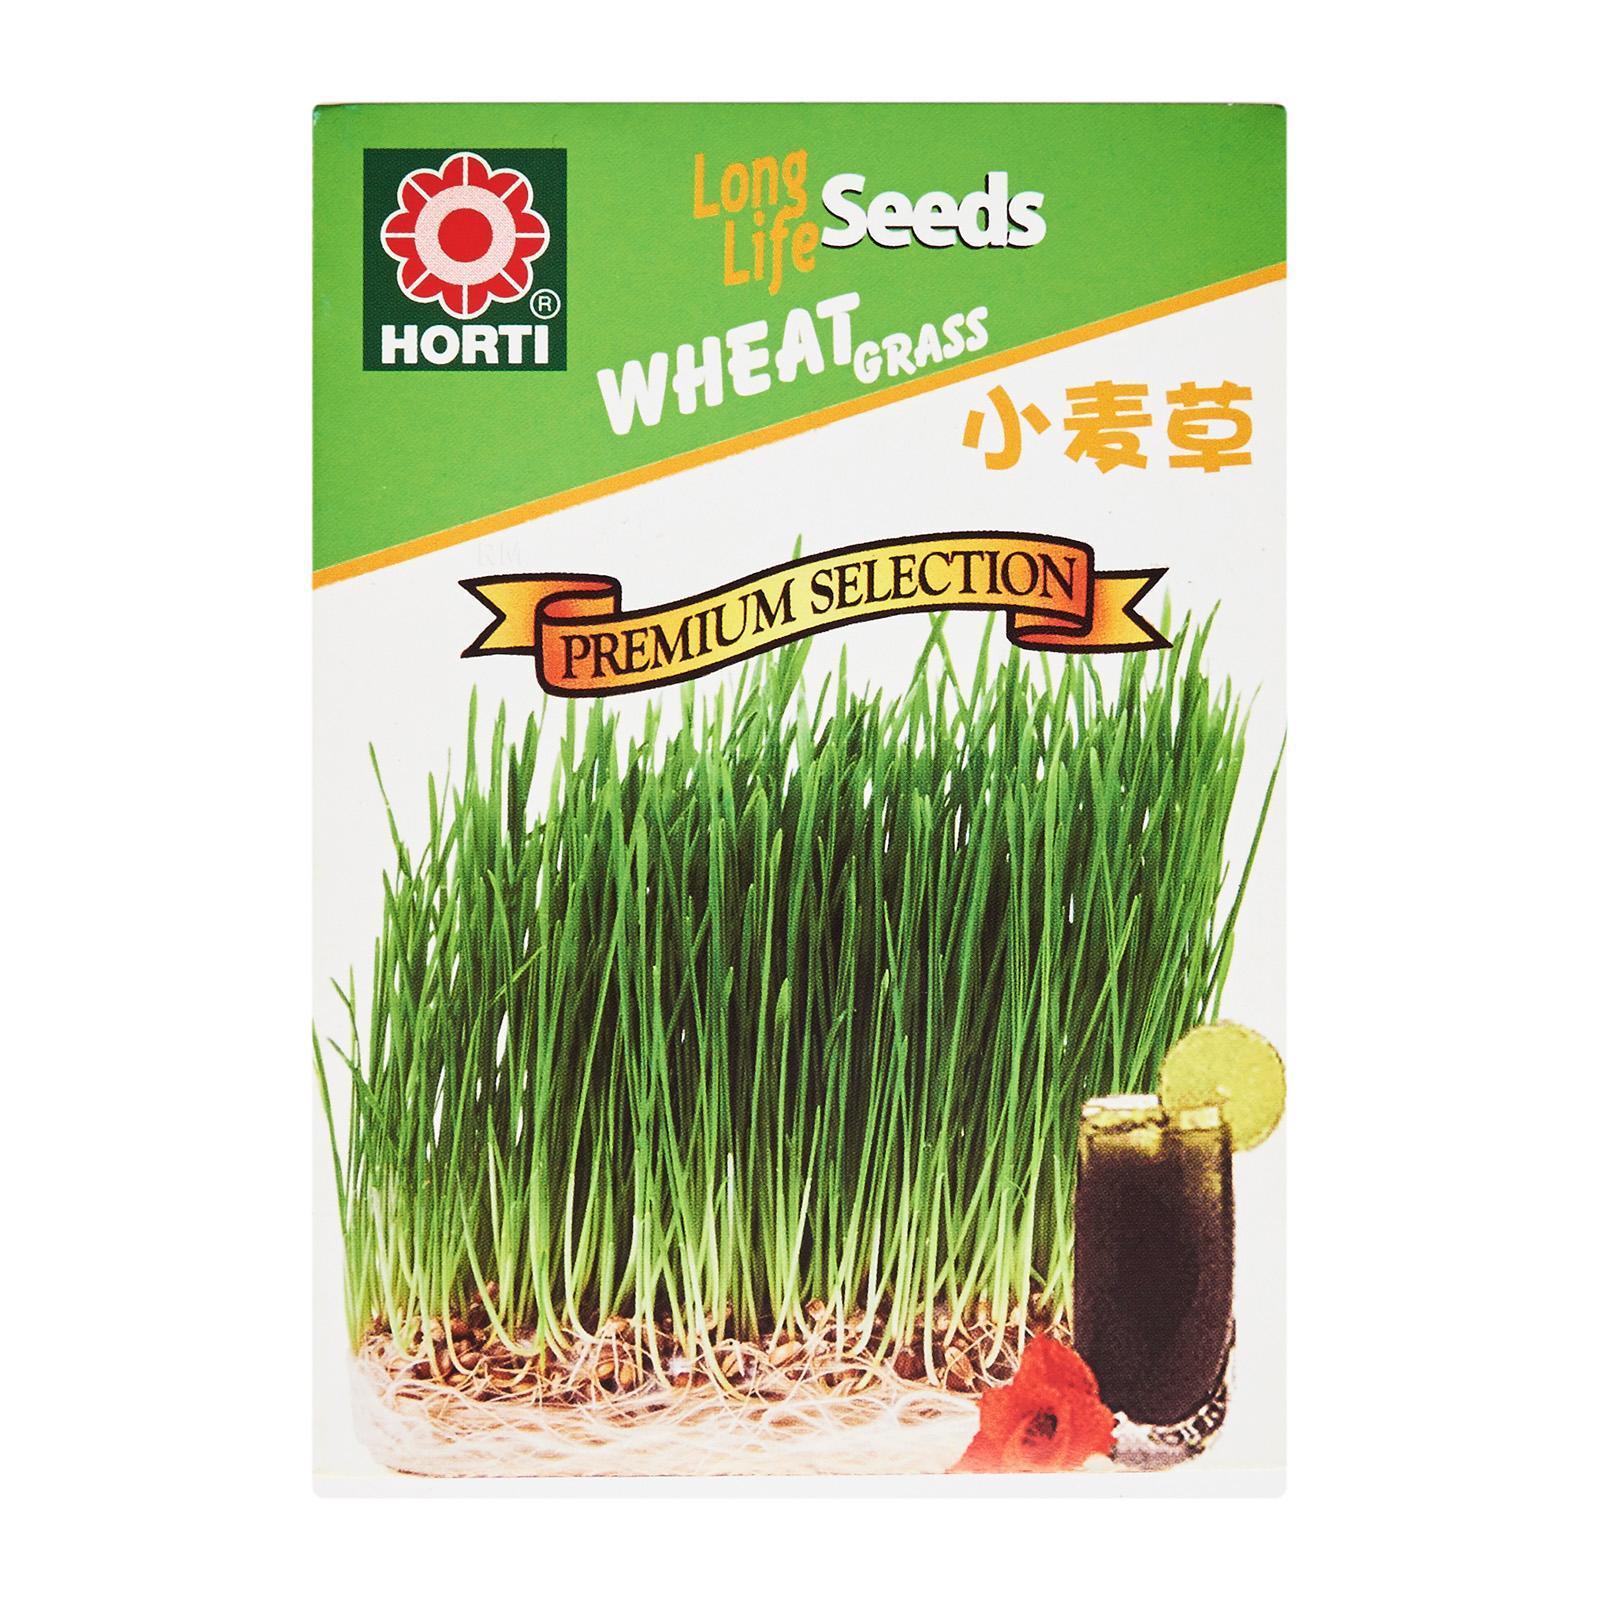 Horti Wheat Grass Seeds